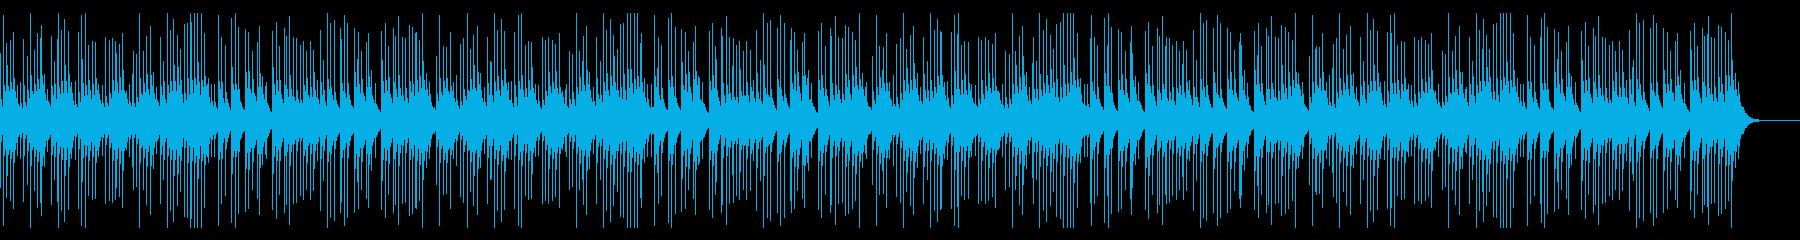 ジングルベル オルゴール速の再生済みの波形